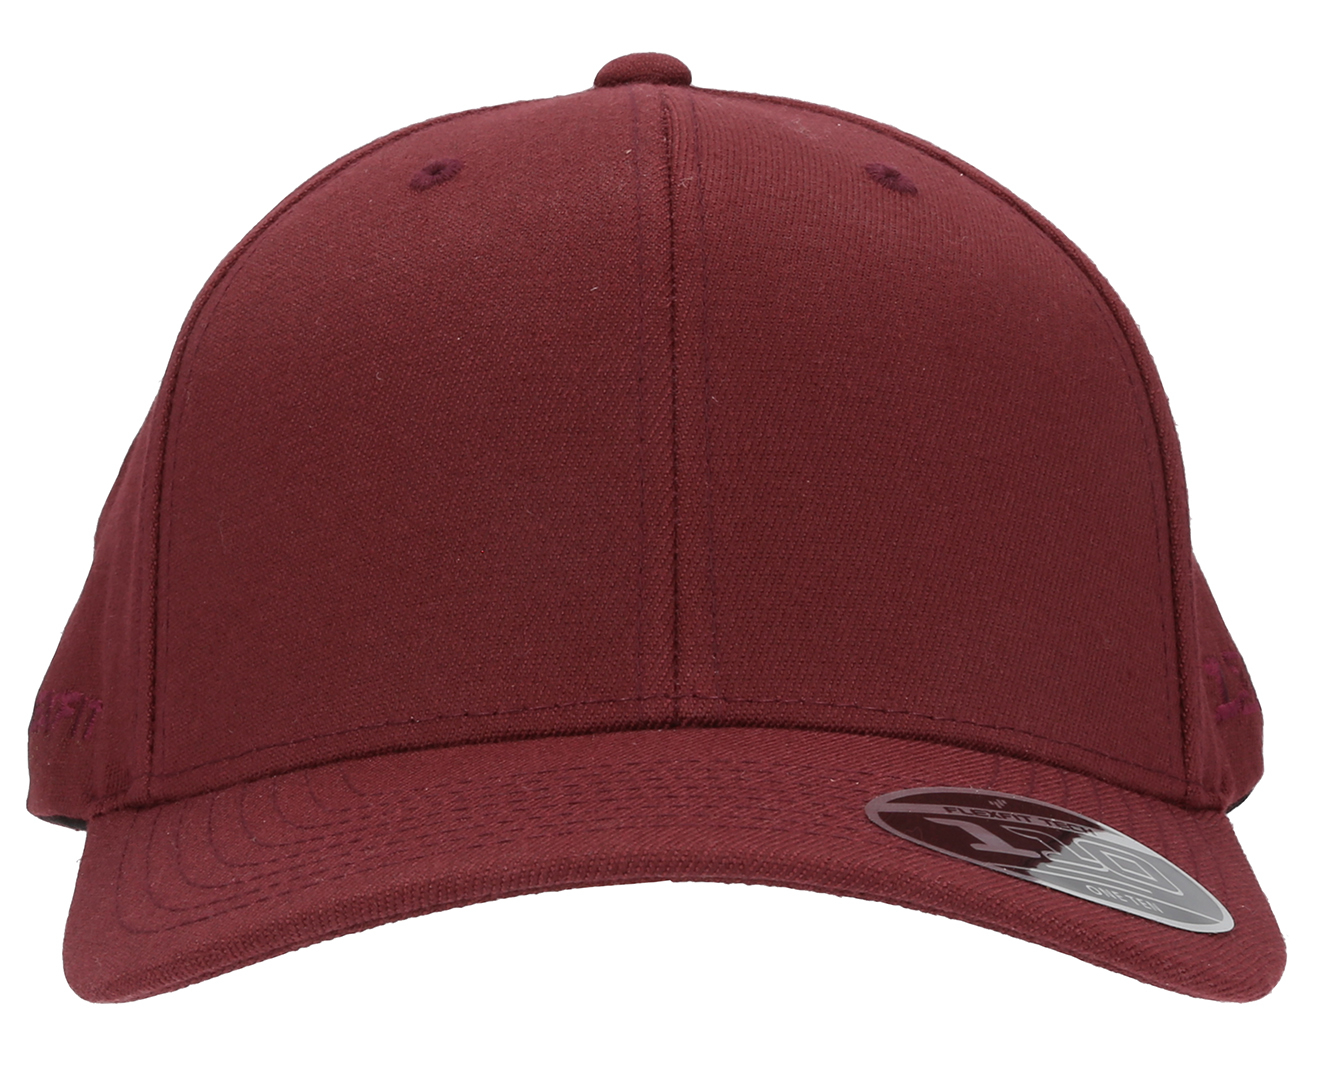 size 40 7ba56 e3566 Flexfit 110 Snapback Cap - Maroon